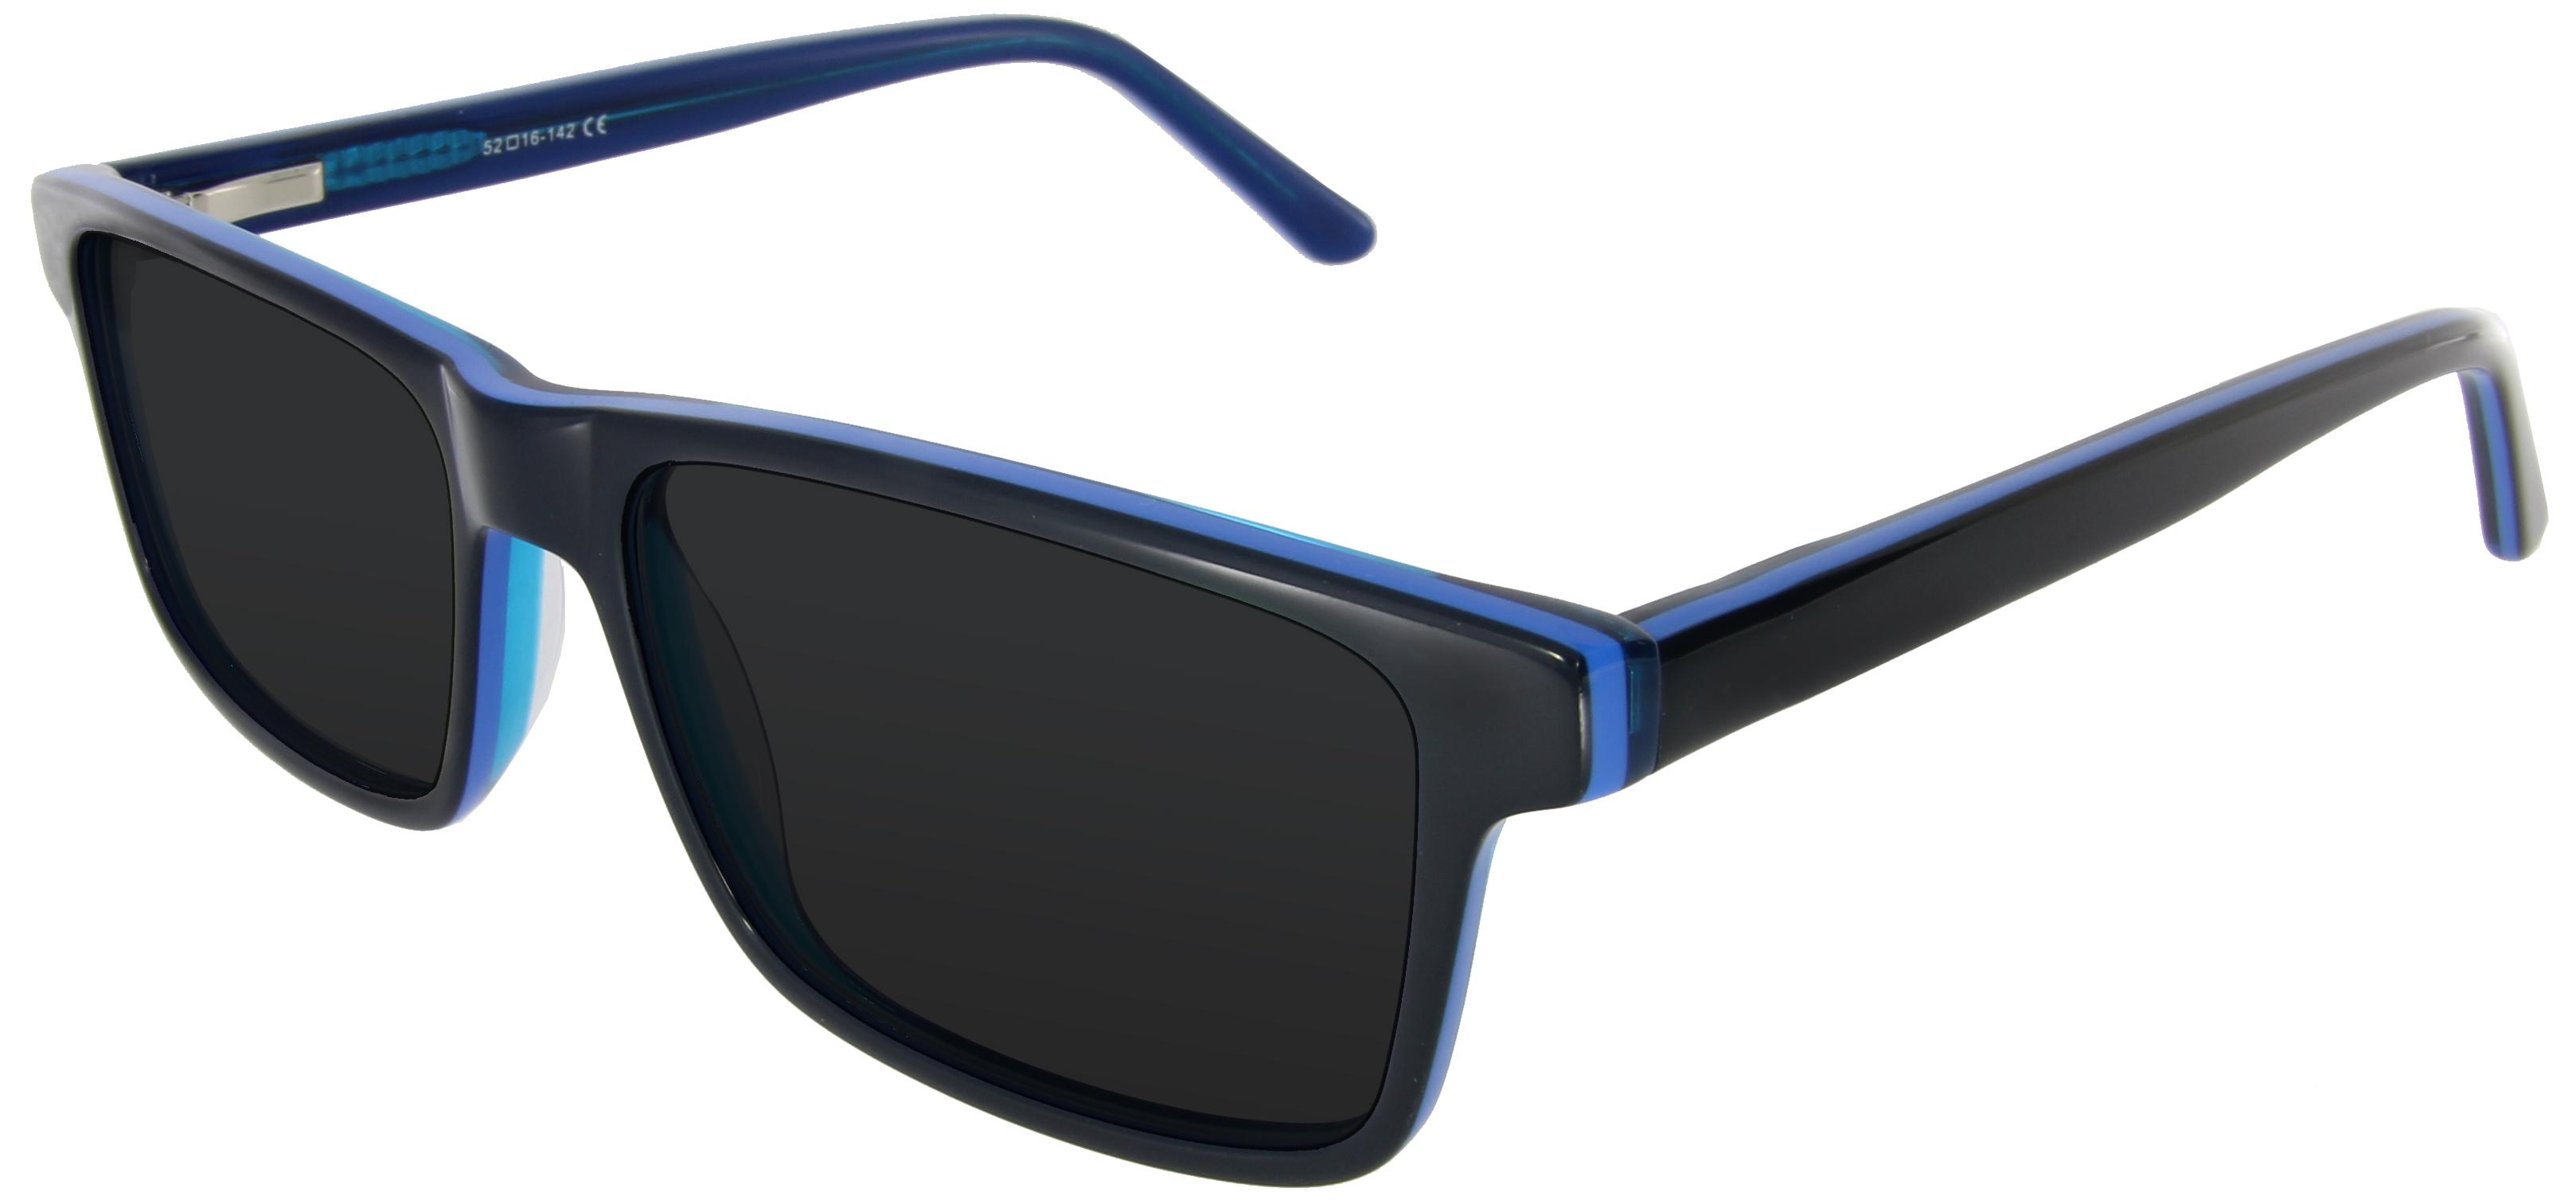 Moderne unisex Sonnenbrille in blau mit rechteckiger Form